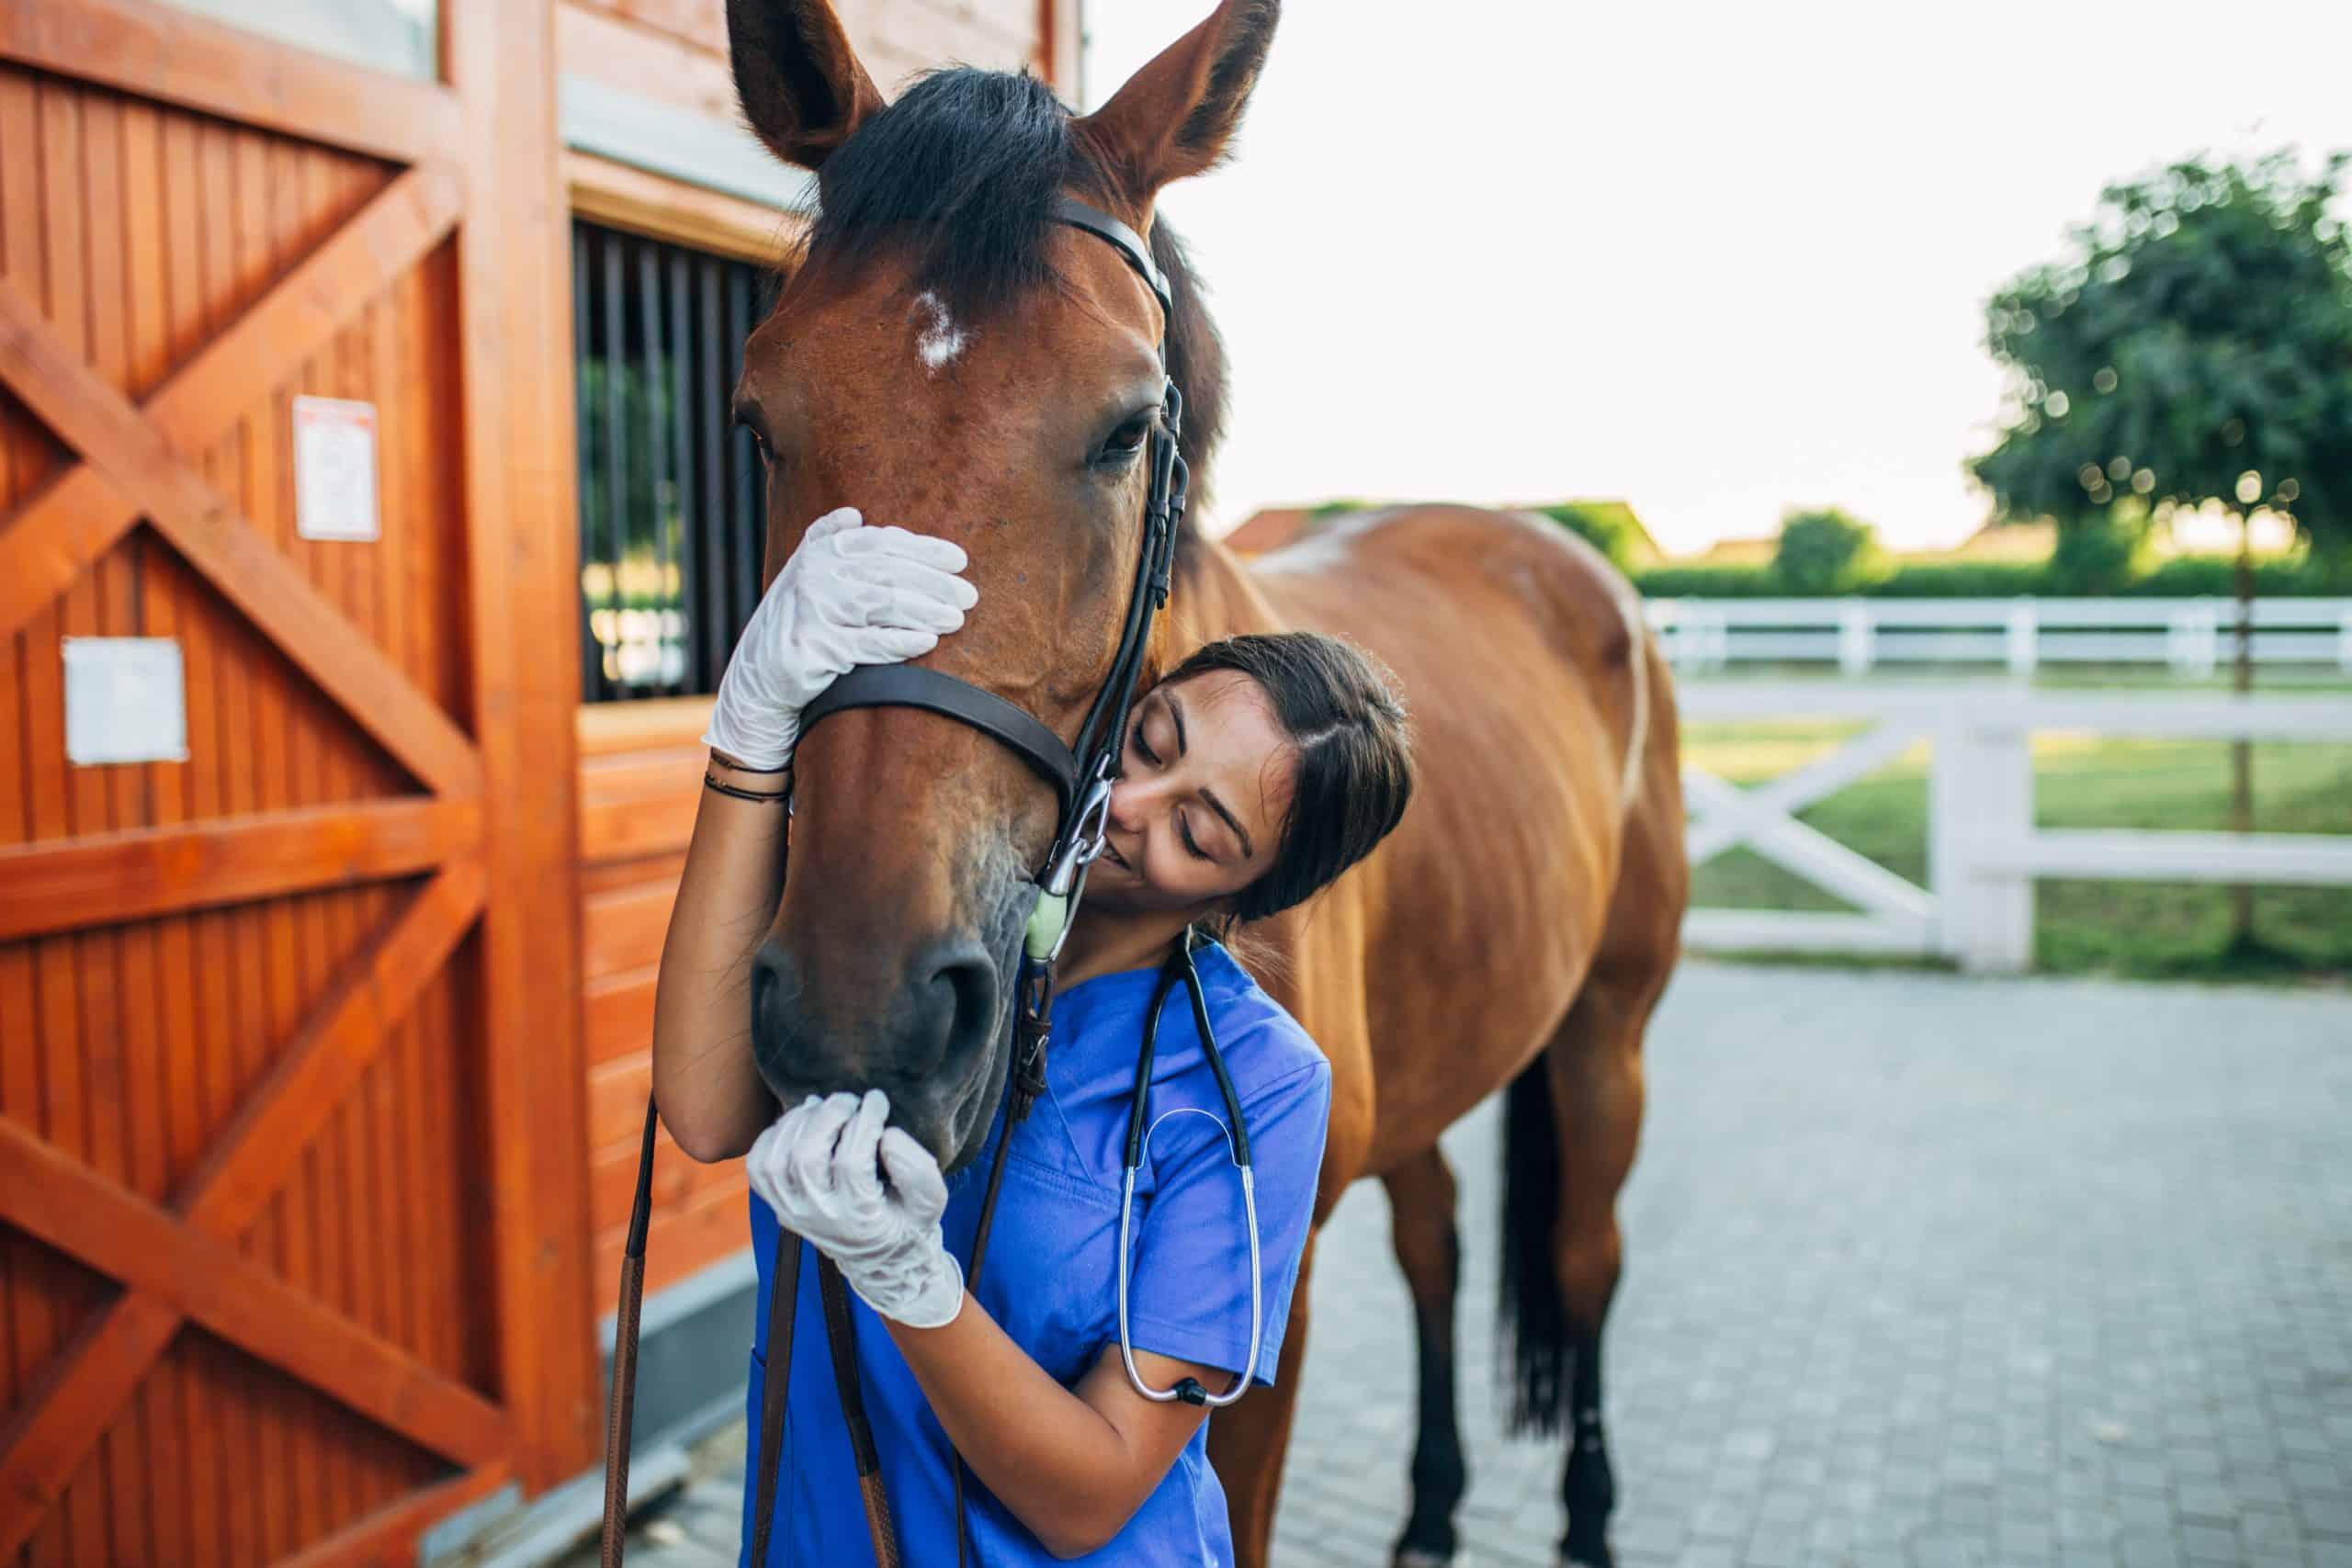 Vet kissing a horse outdoors at ranch.